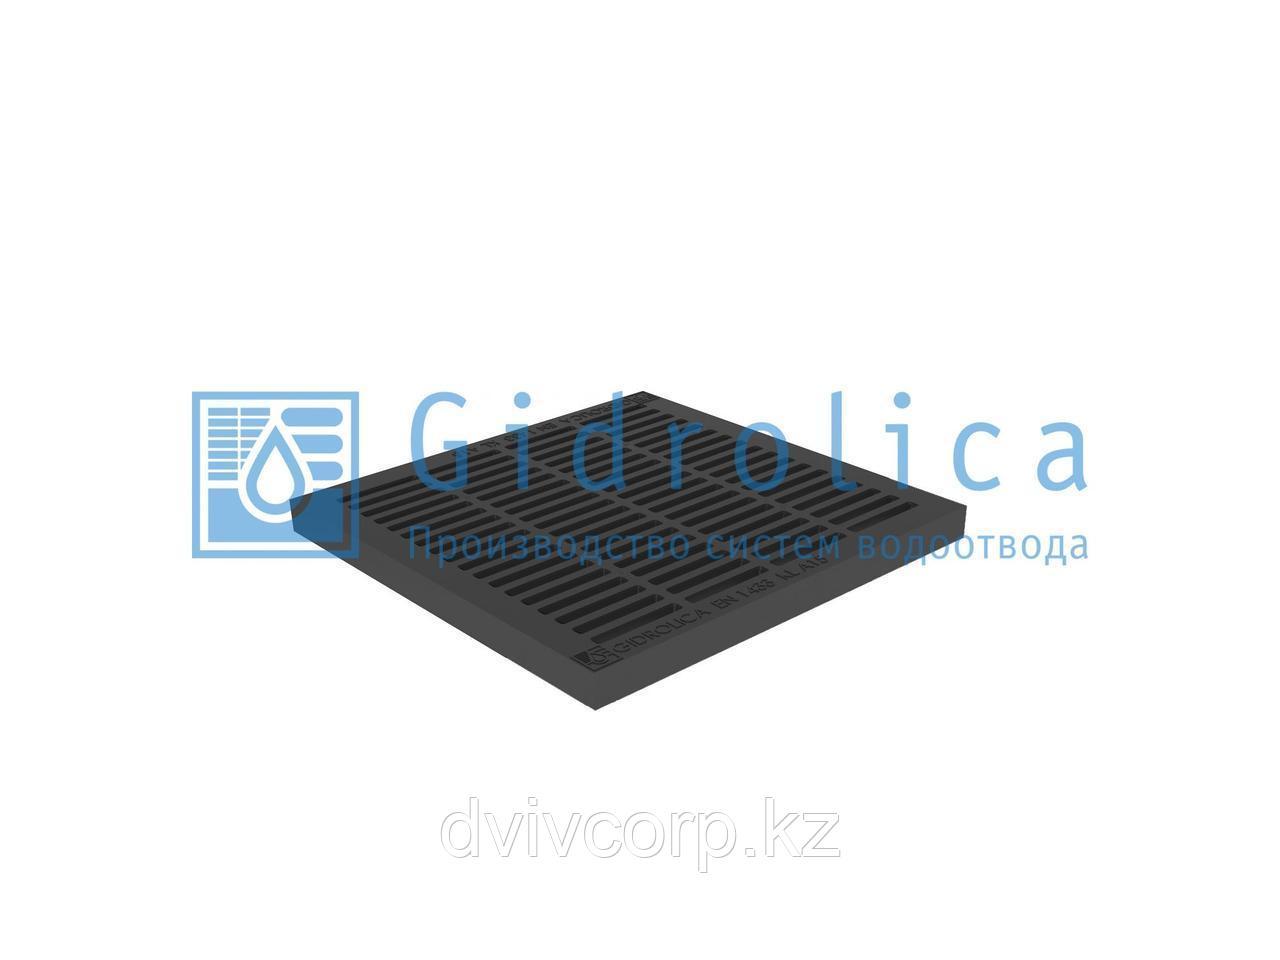 Арт. 208 Решетка водоприемная Gidrolica Point РВ-28,5.28,5 - пластиковая, кл. А15